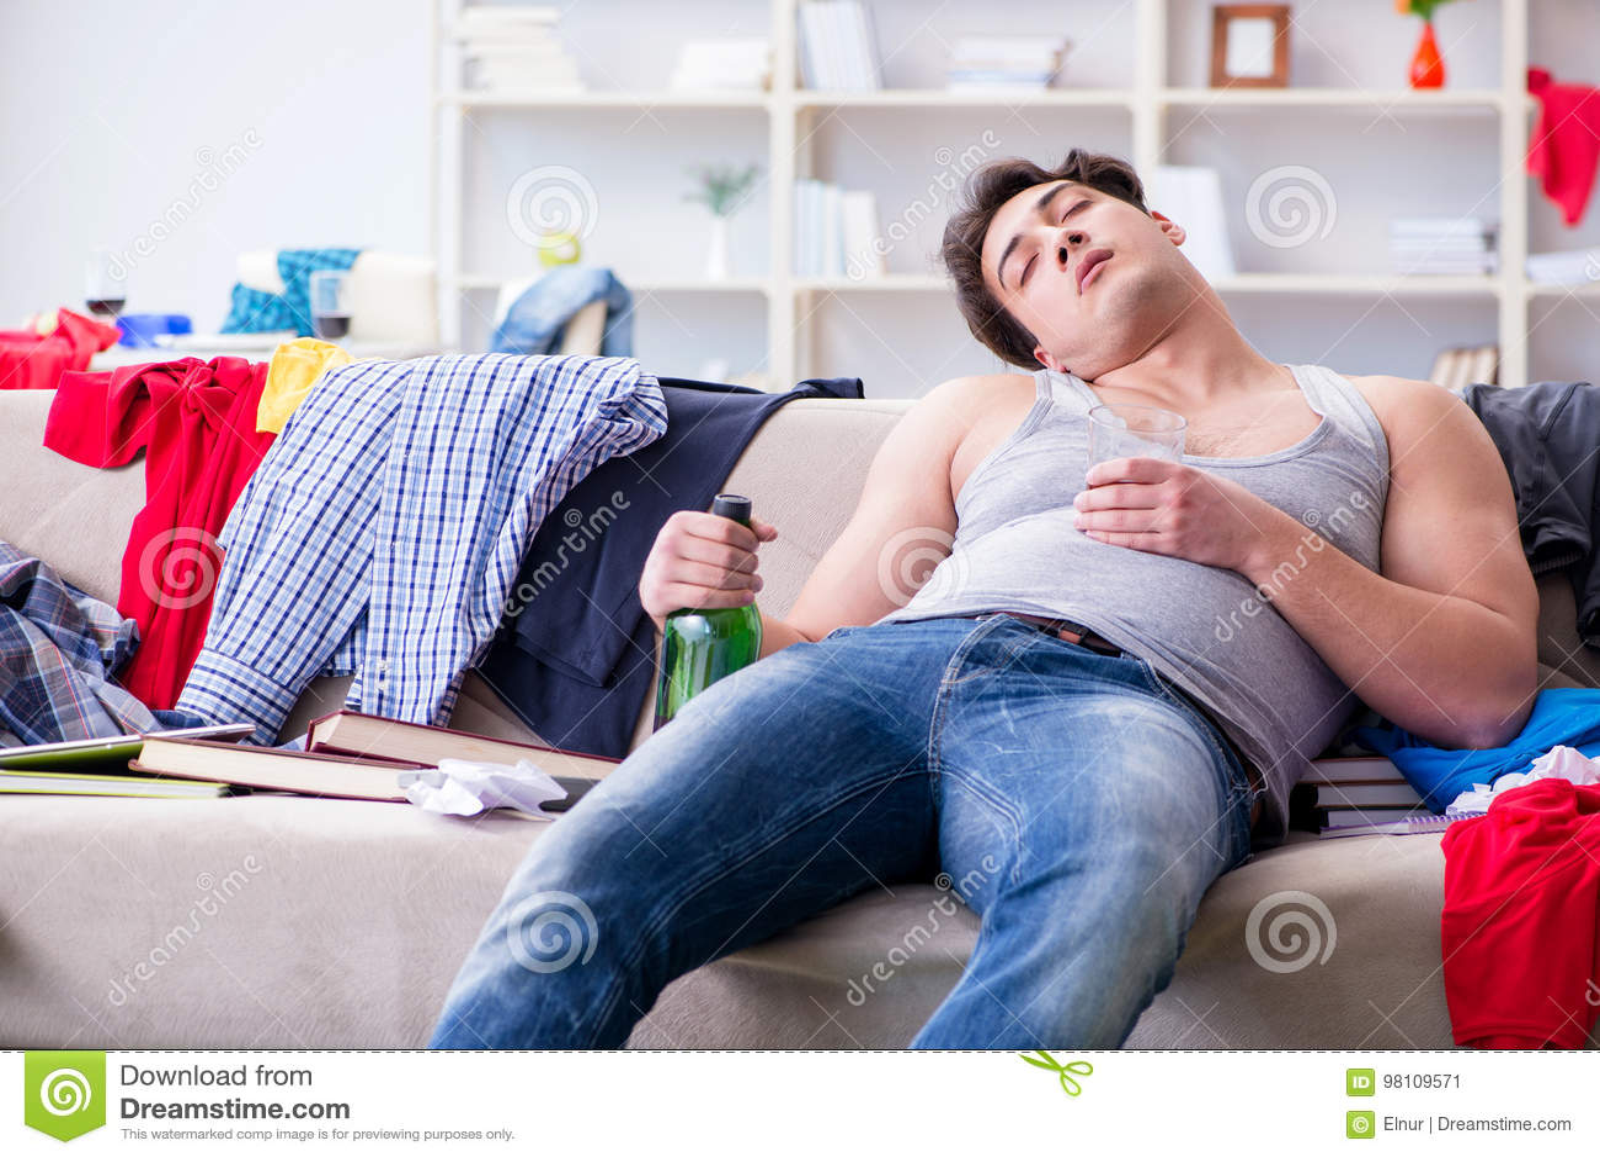 De jonge mens student gedronken het drinken alcohol in een slordige ruimte